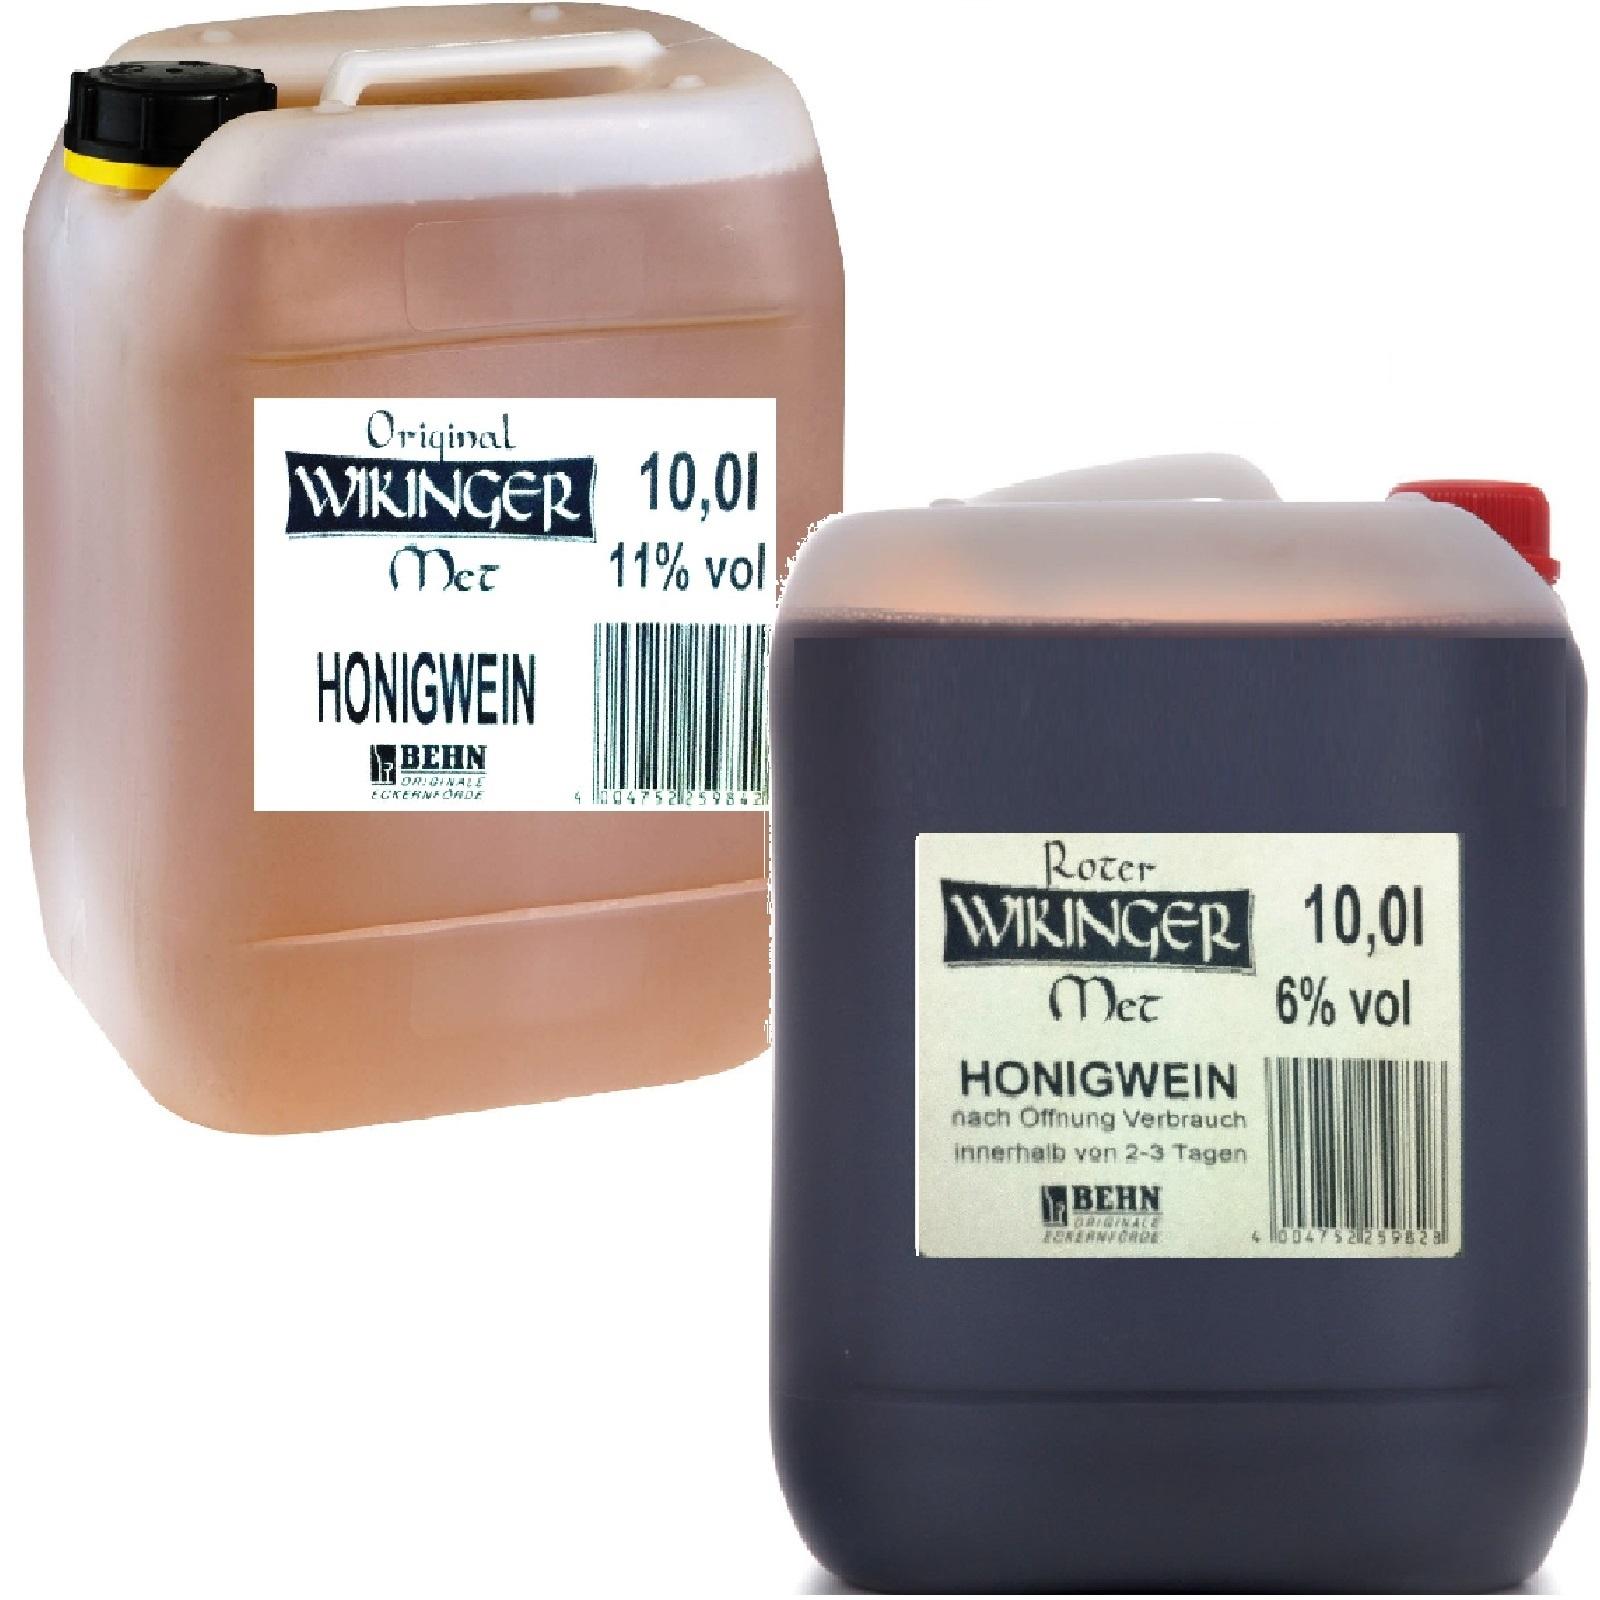 Original Wikinger Met Rot 2 x 10 Liter Kanister Honigwein Hell